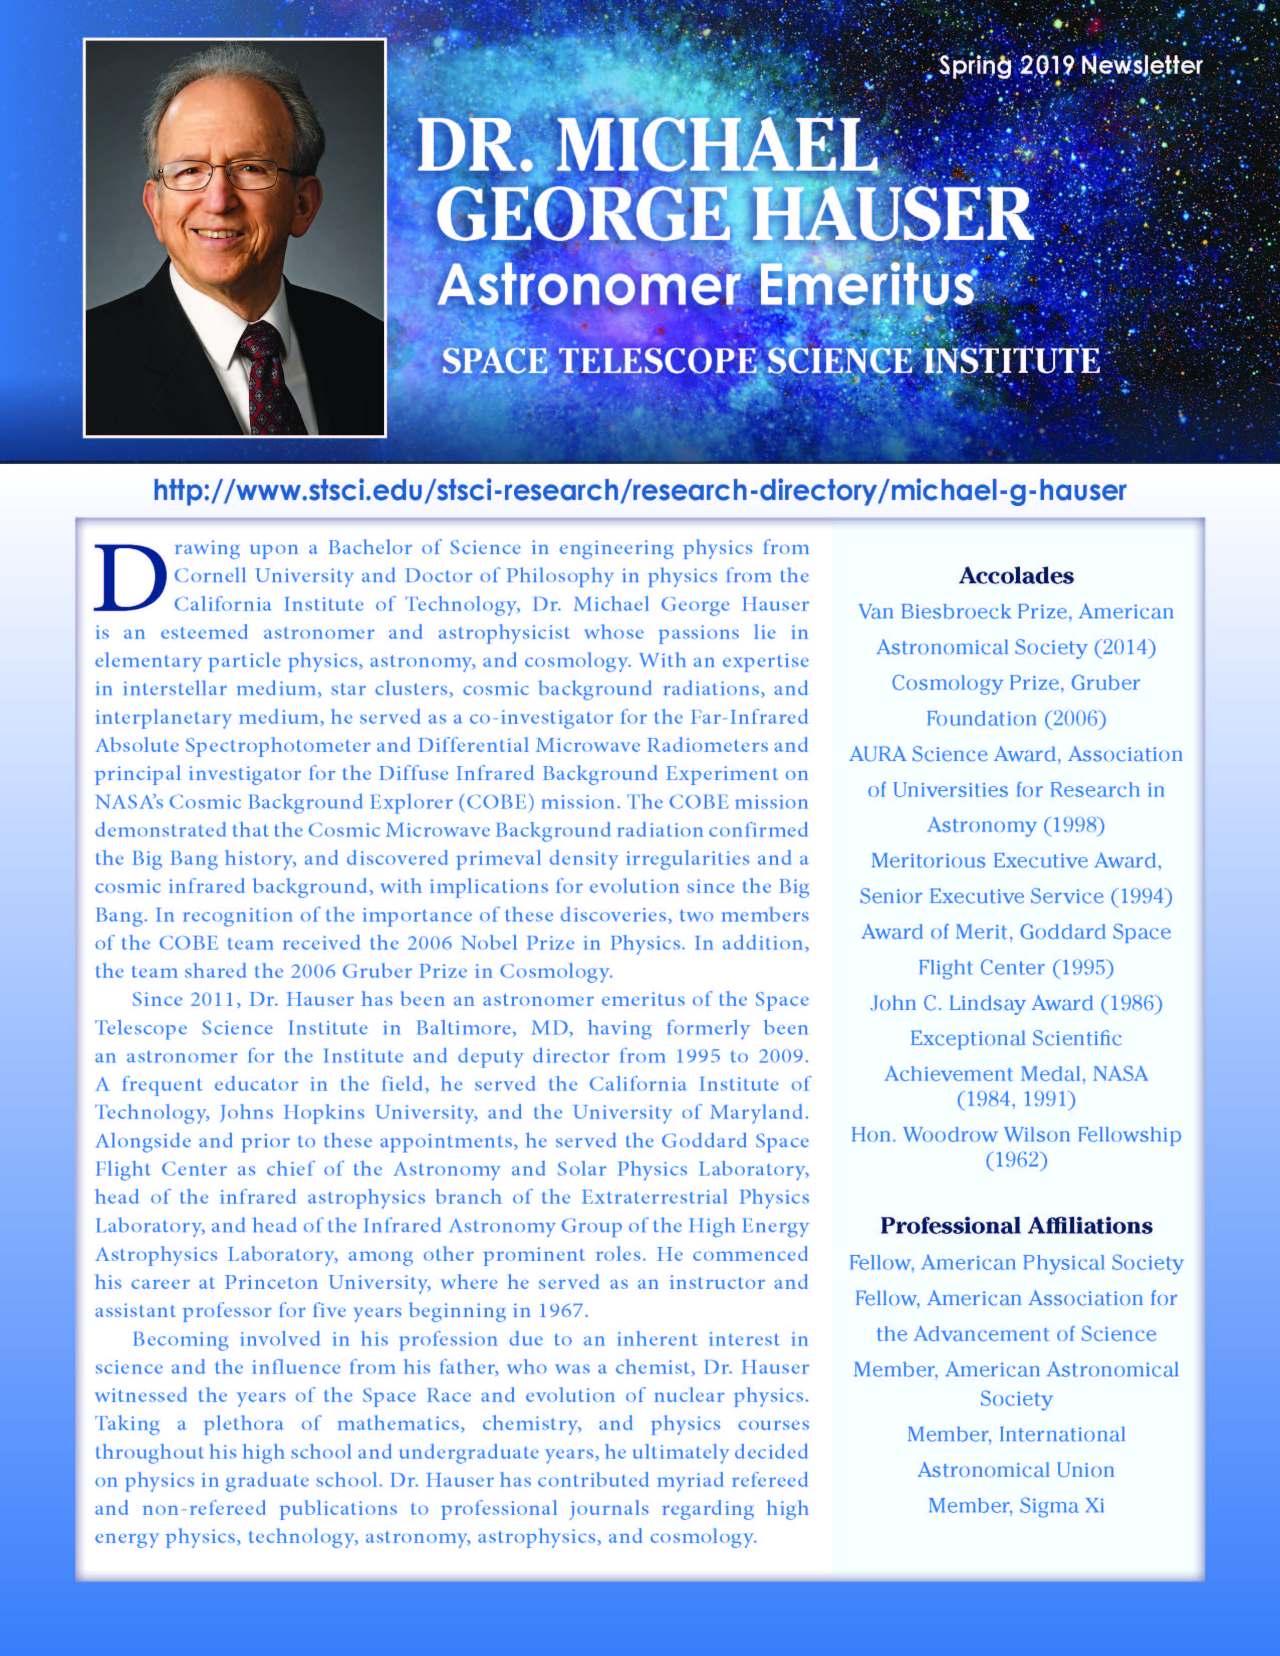 Hauser, Michael 4258195_2405199 Newsletter REVISED.jpg